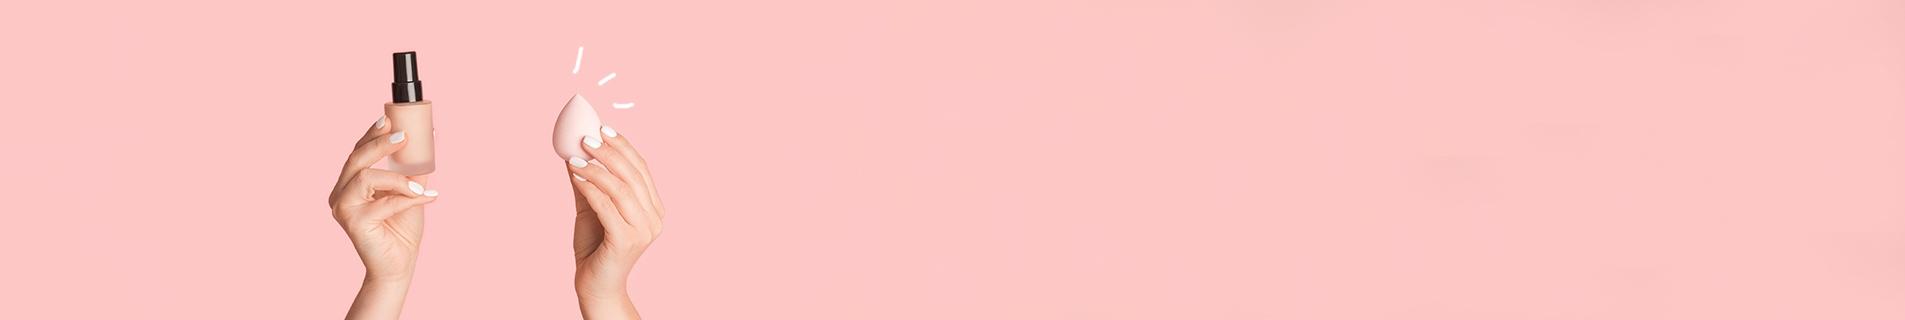 Rouge à lèvres pas cher   Maquillage lèvres   SAGA Cosmetics